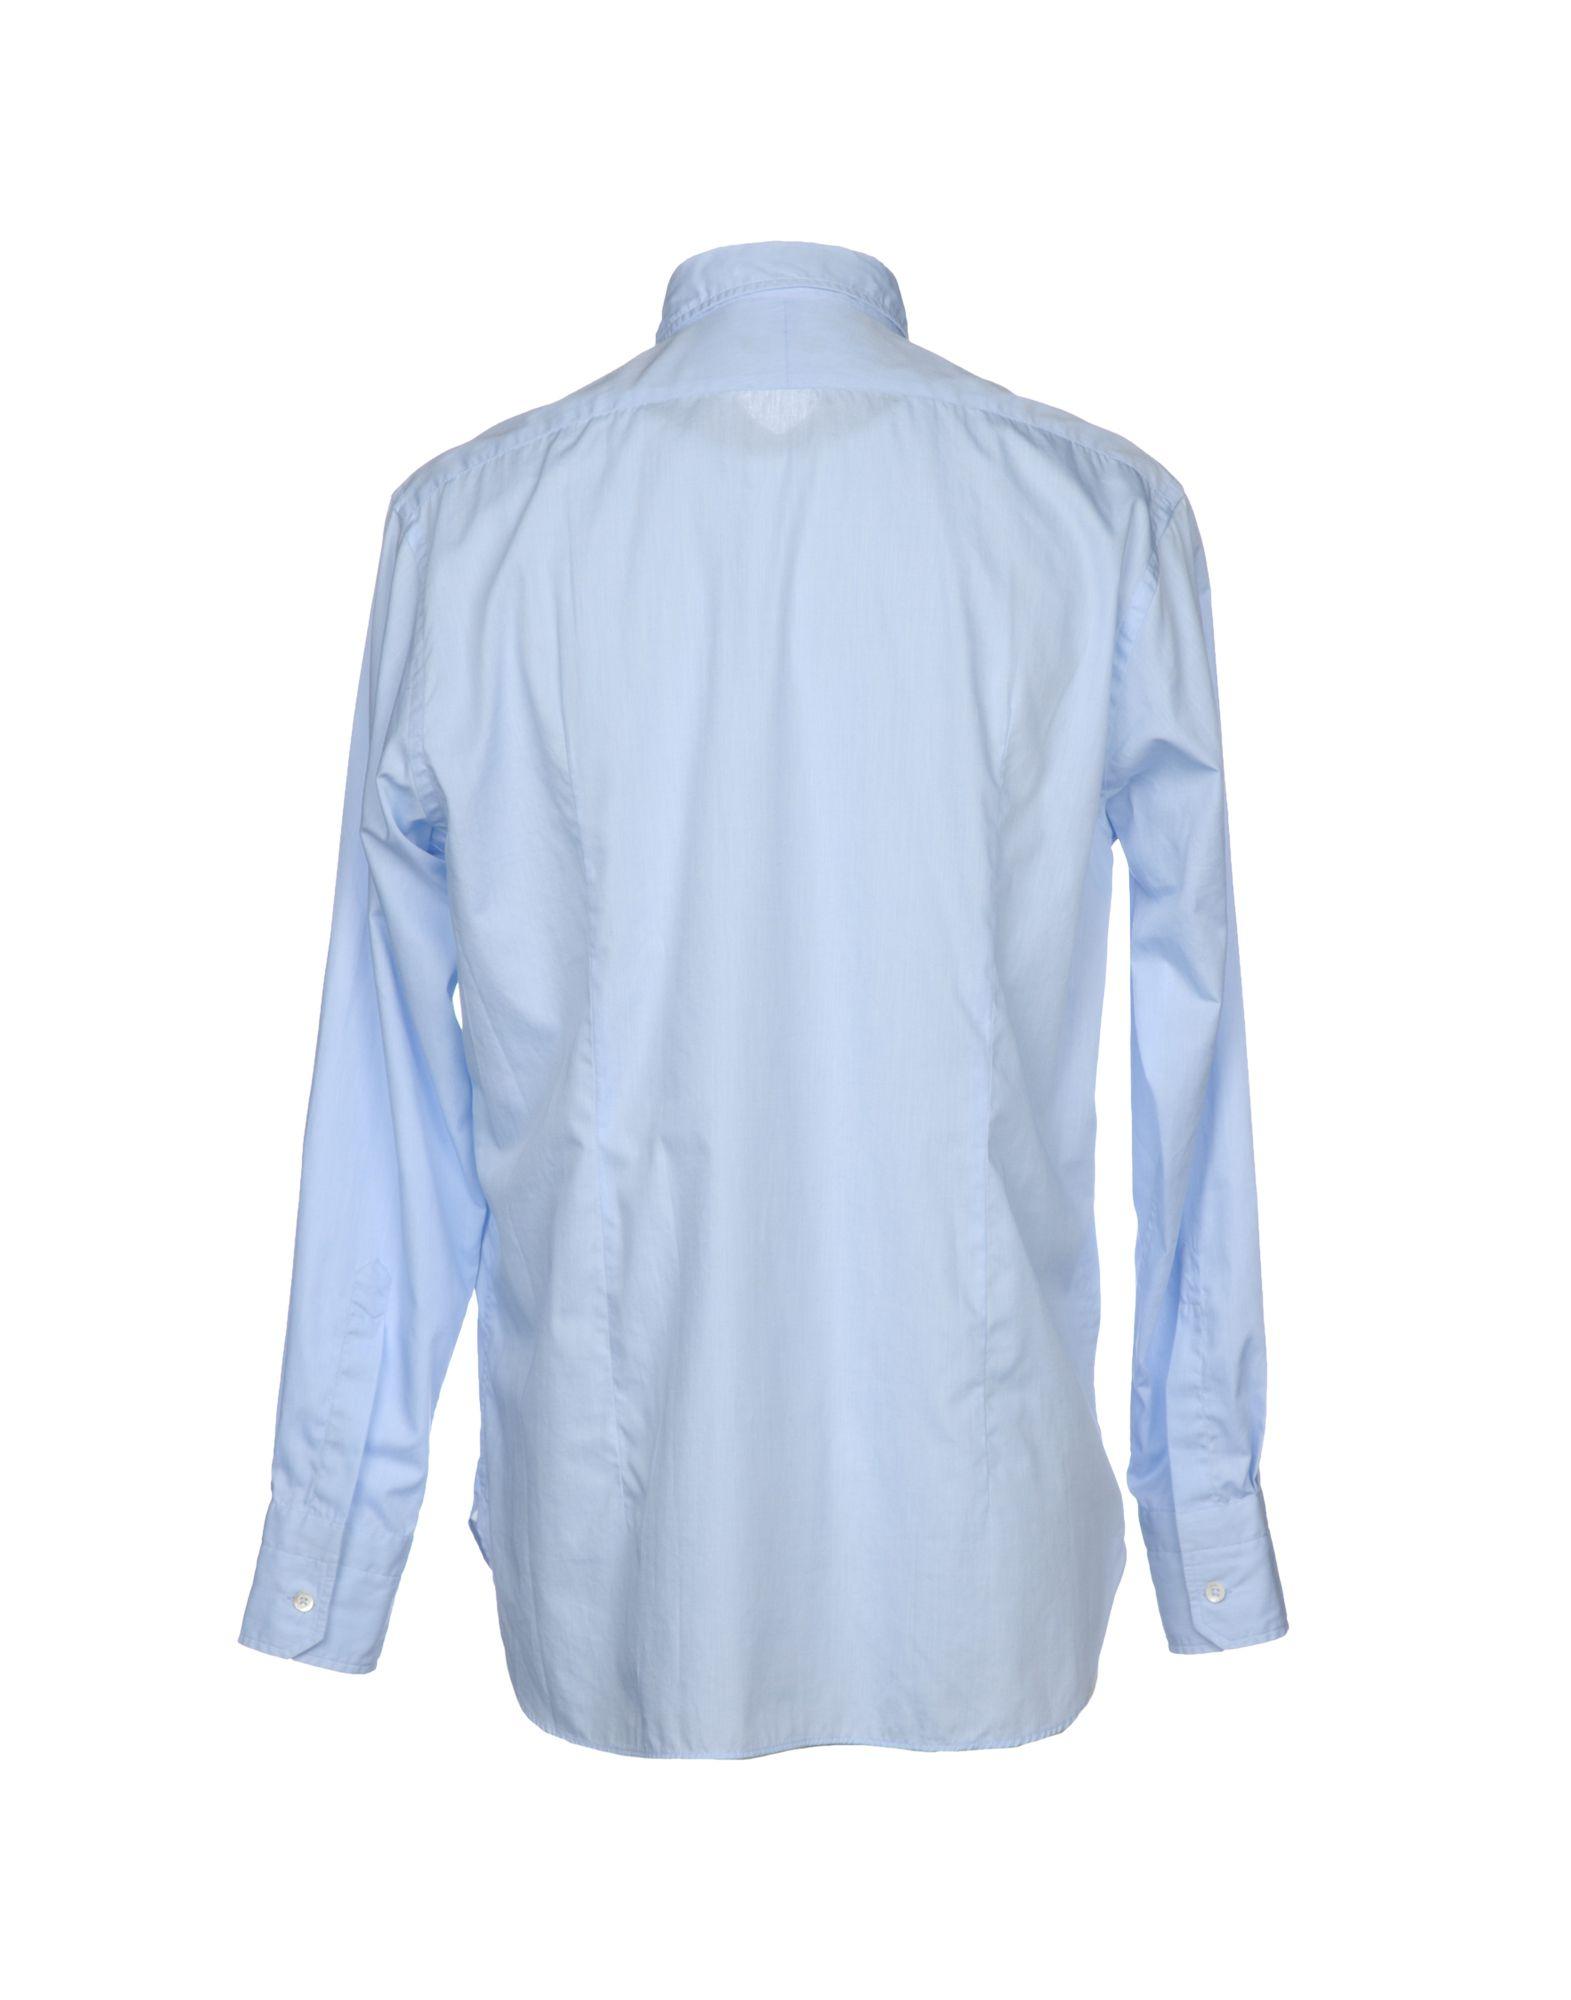 Camicia Tinta Unita Ballantyne Uomo - 38759300GF 38759300GF 38759300GF 7b8148